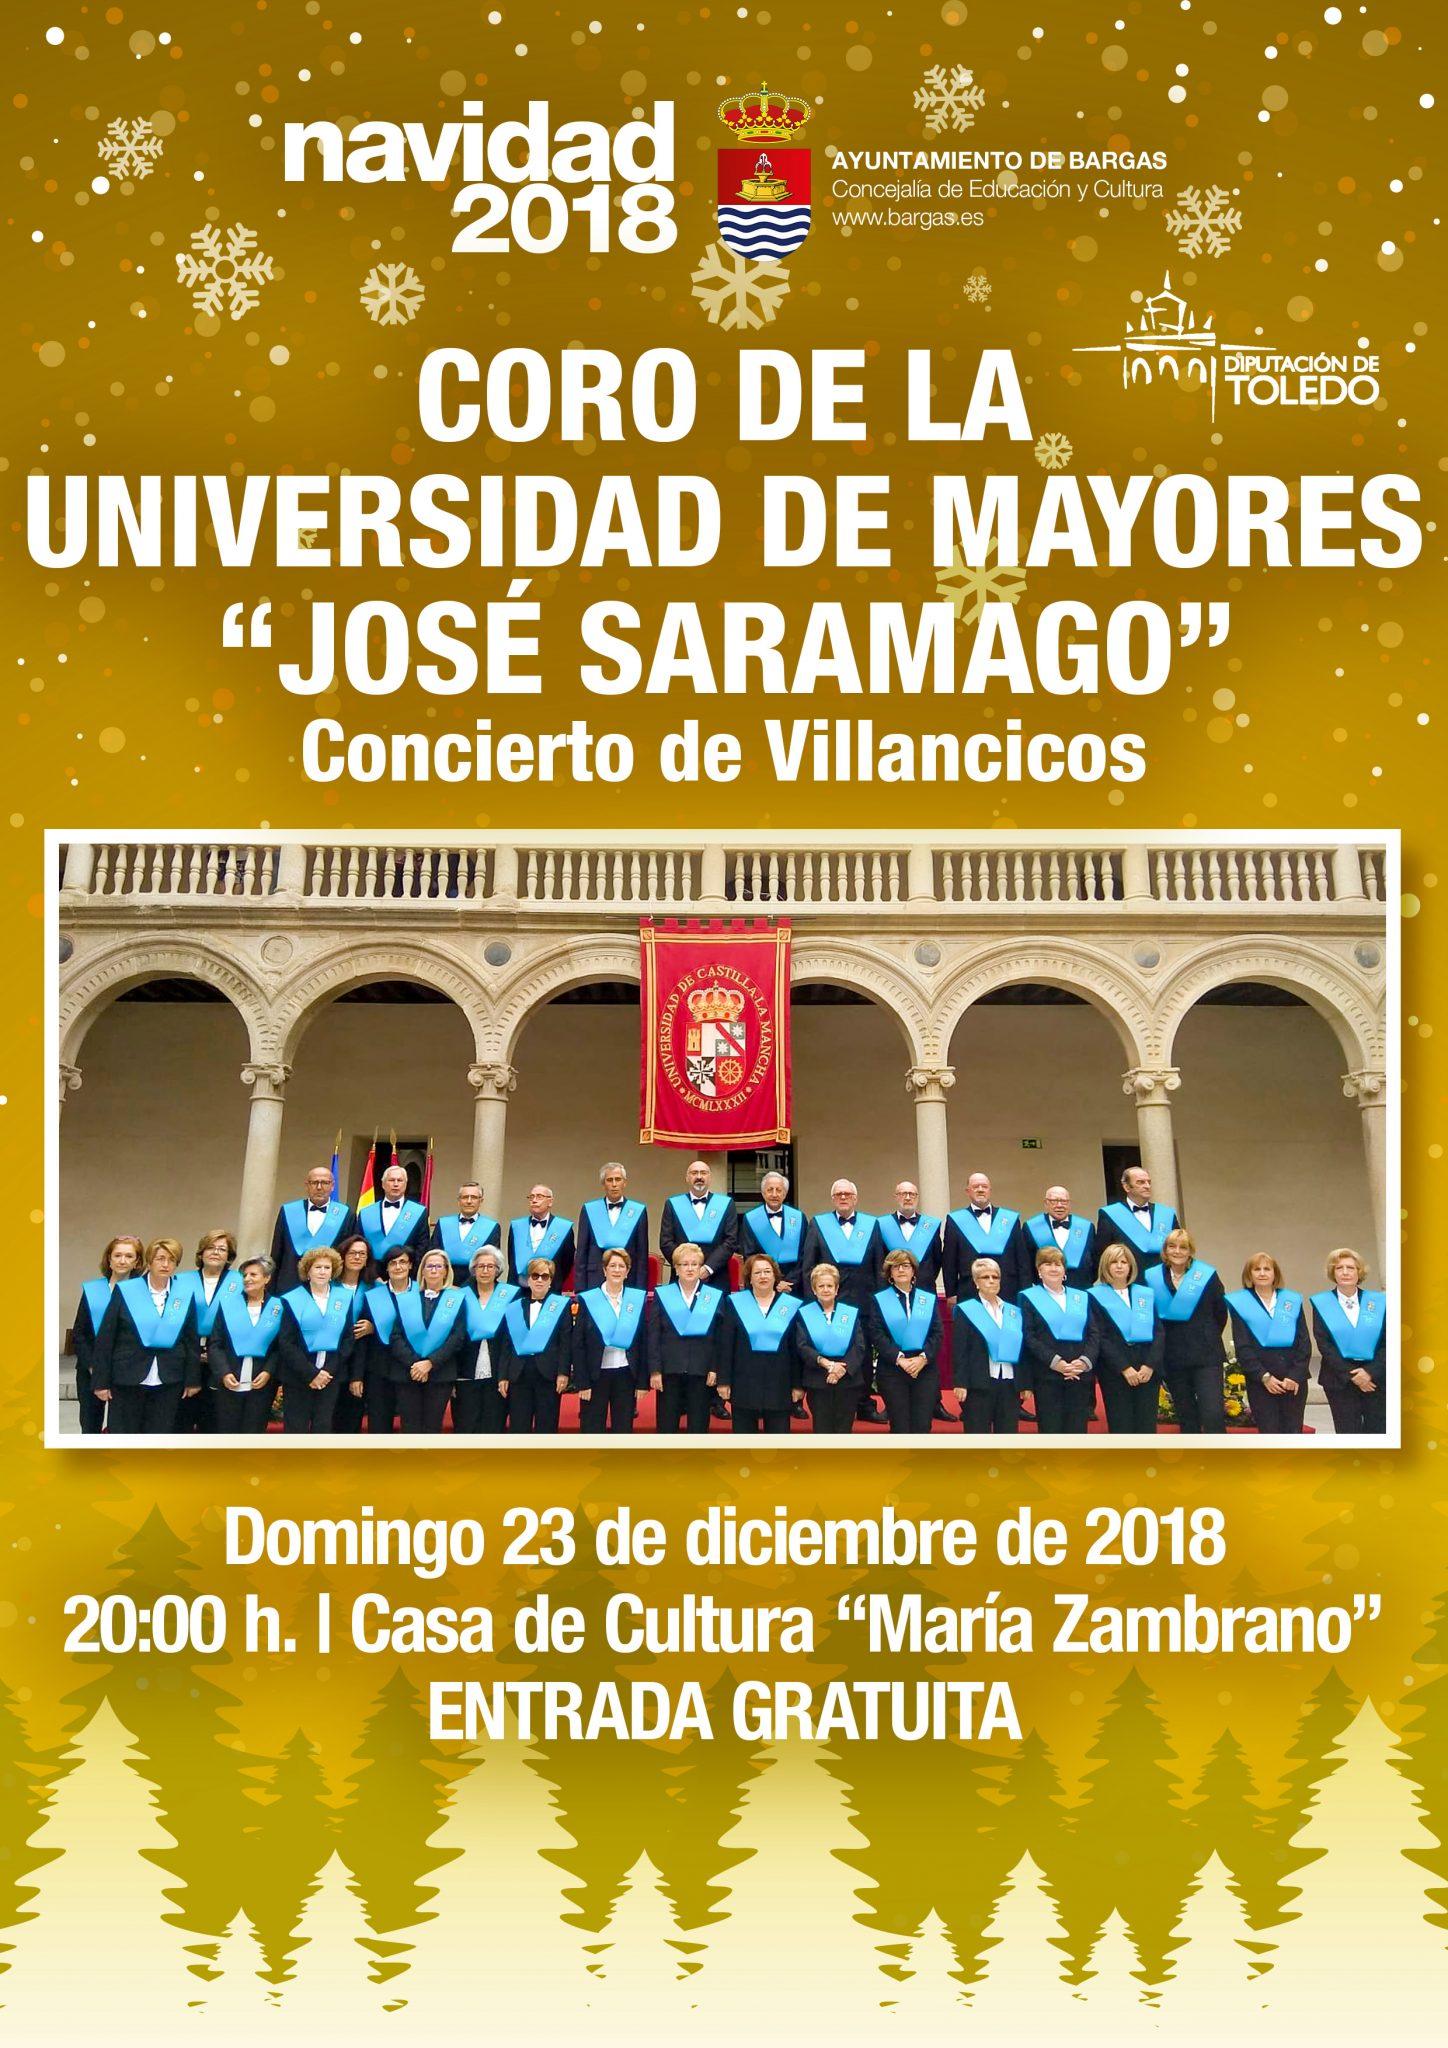 Concierto de Villancicos a cargo del Coro de Mayores de la Universidad «José Saramago»